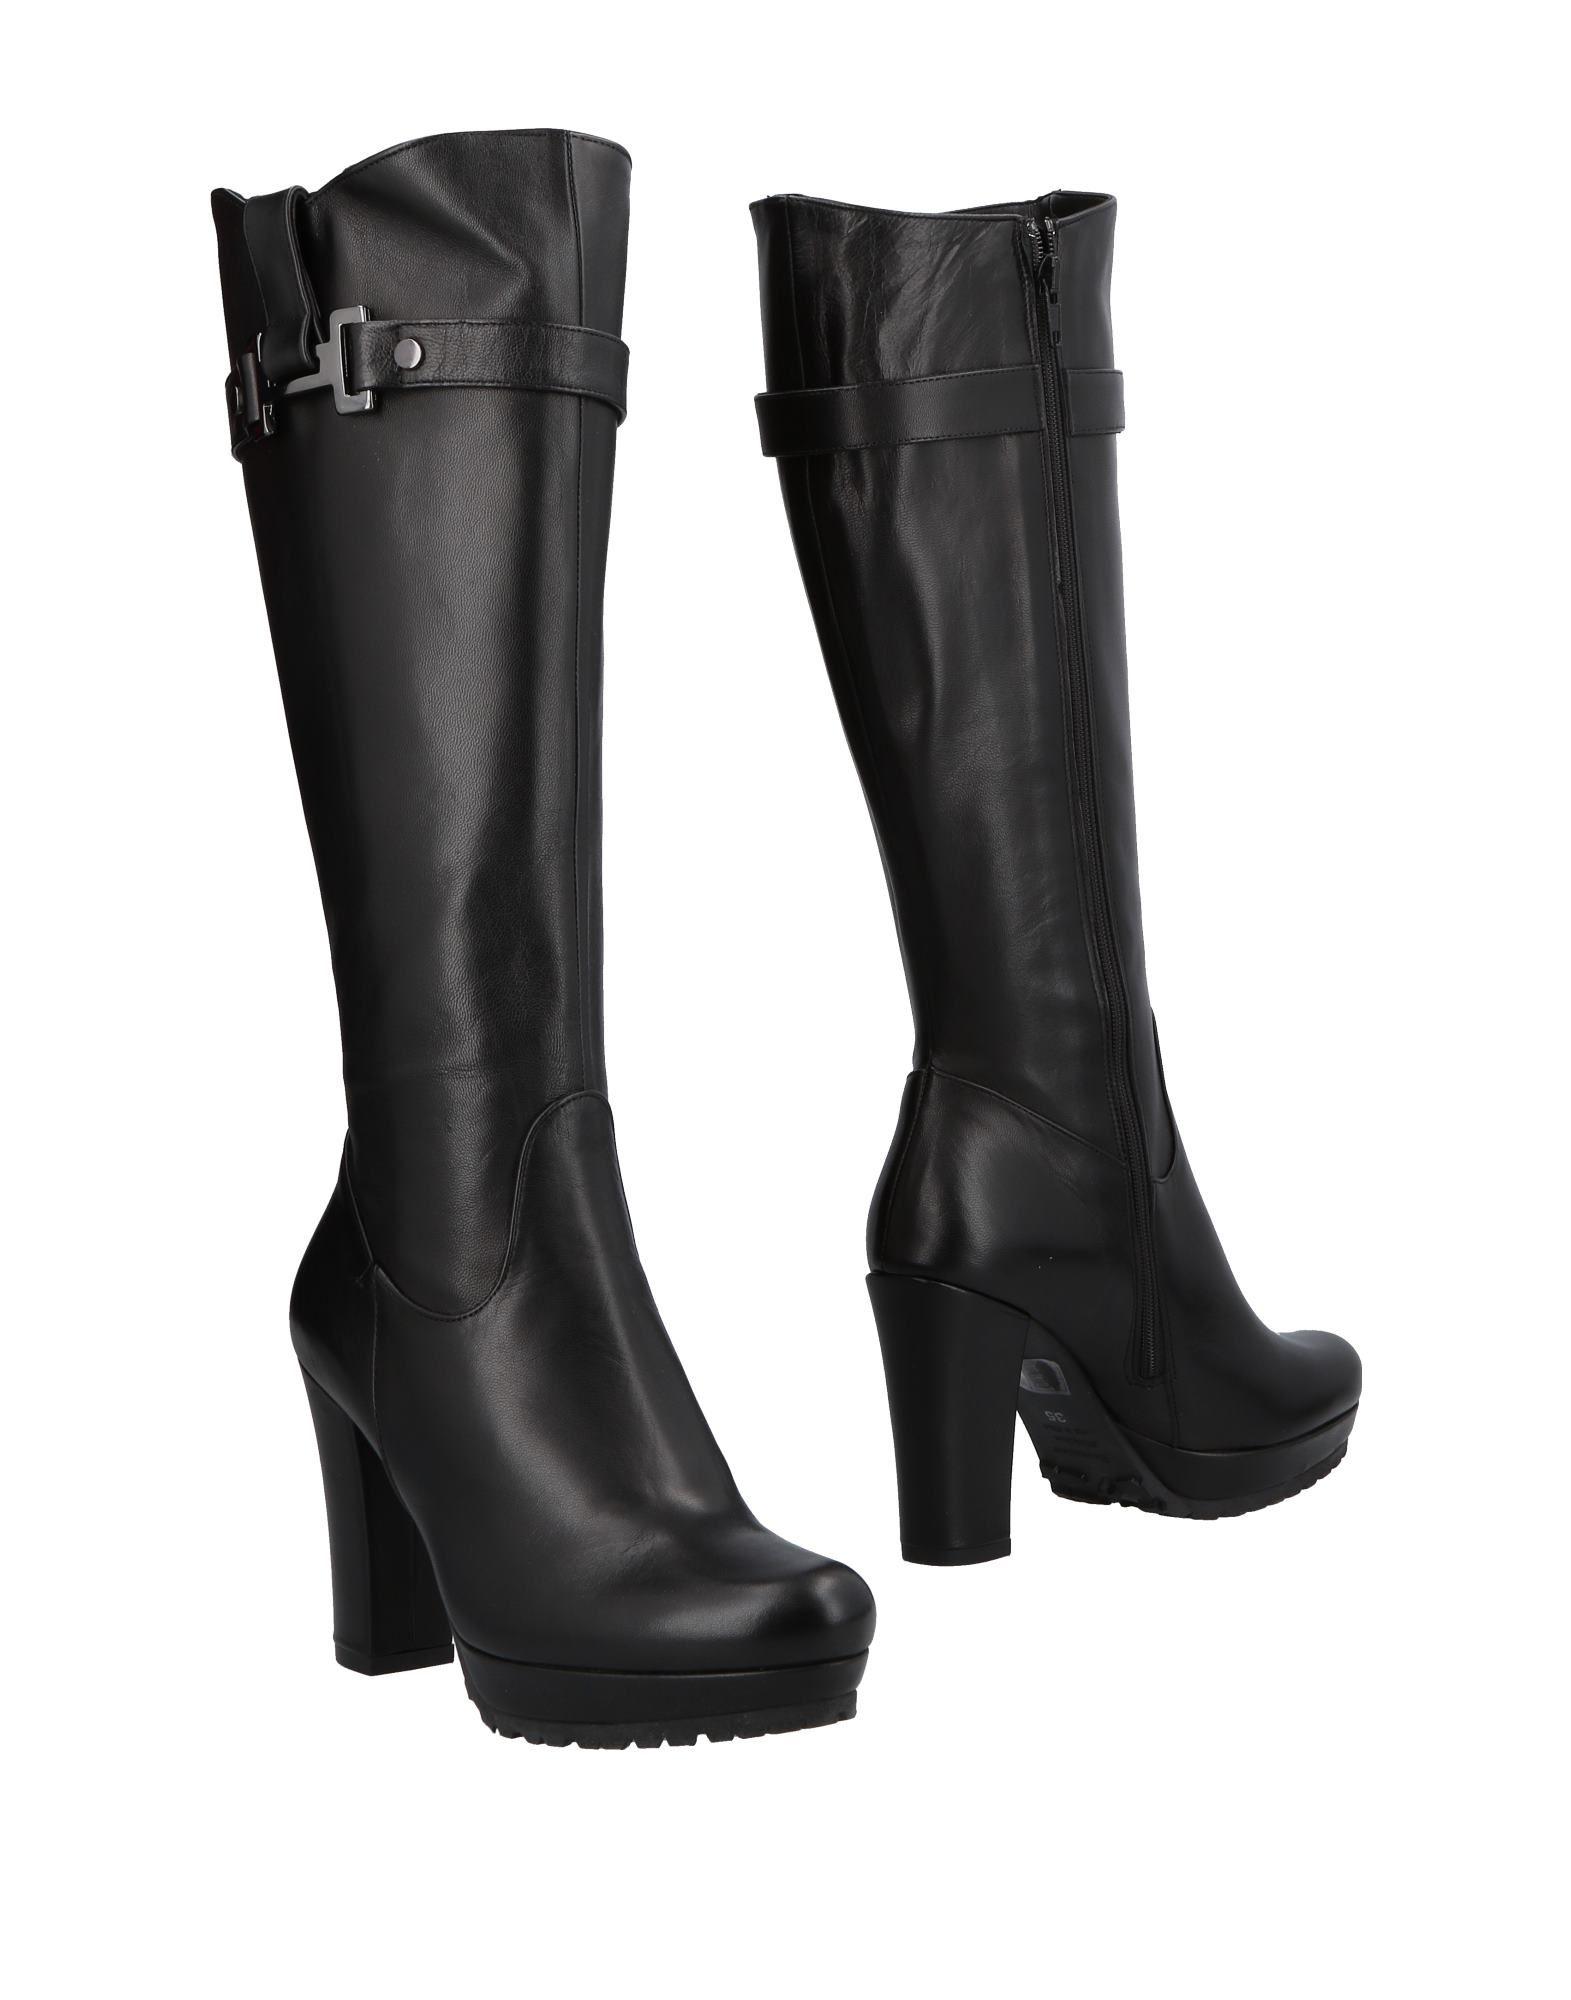 L'amour Stiefel Damen  11493318KL Gute Qualität beliebte Schuhe